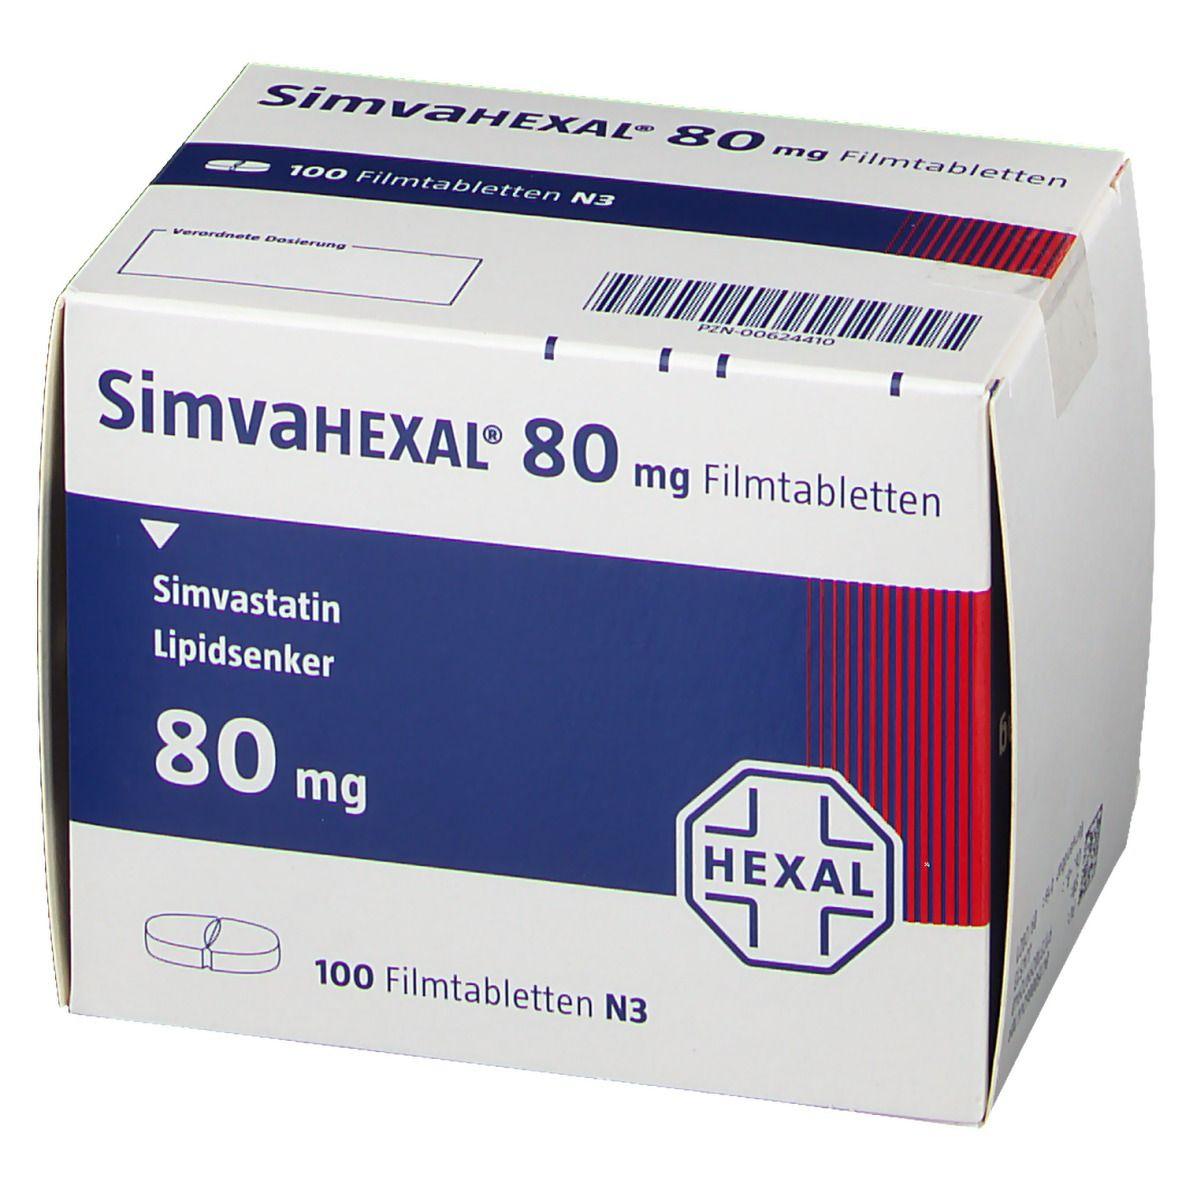 SimvaHEXAL® 80 mg Filmtabletten